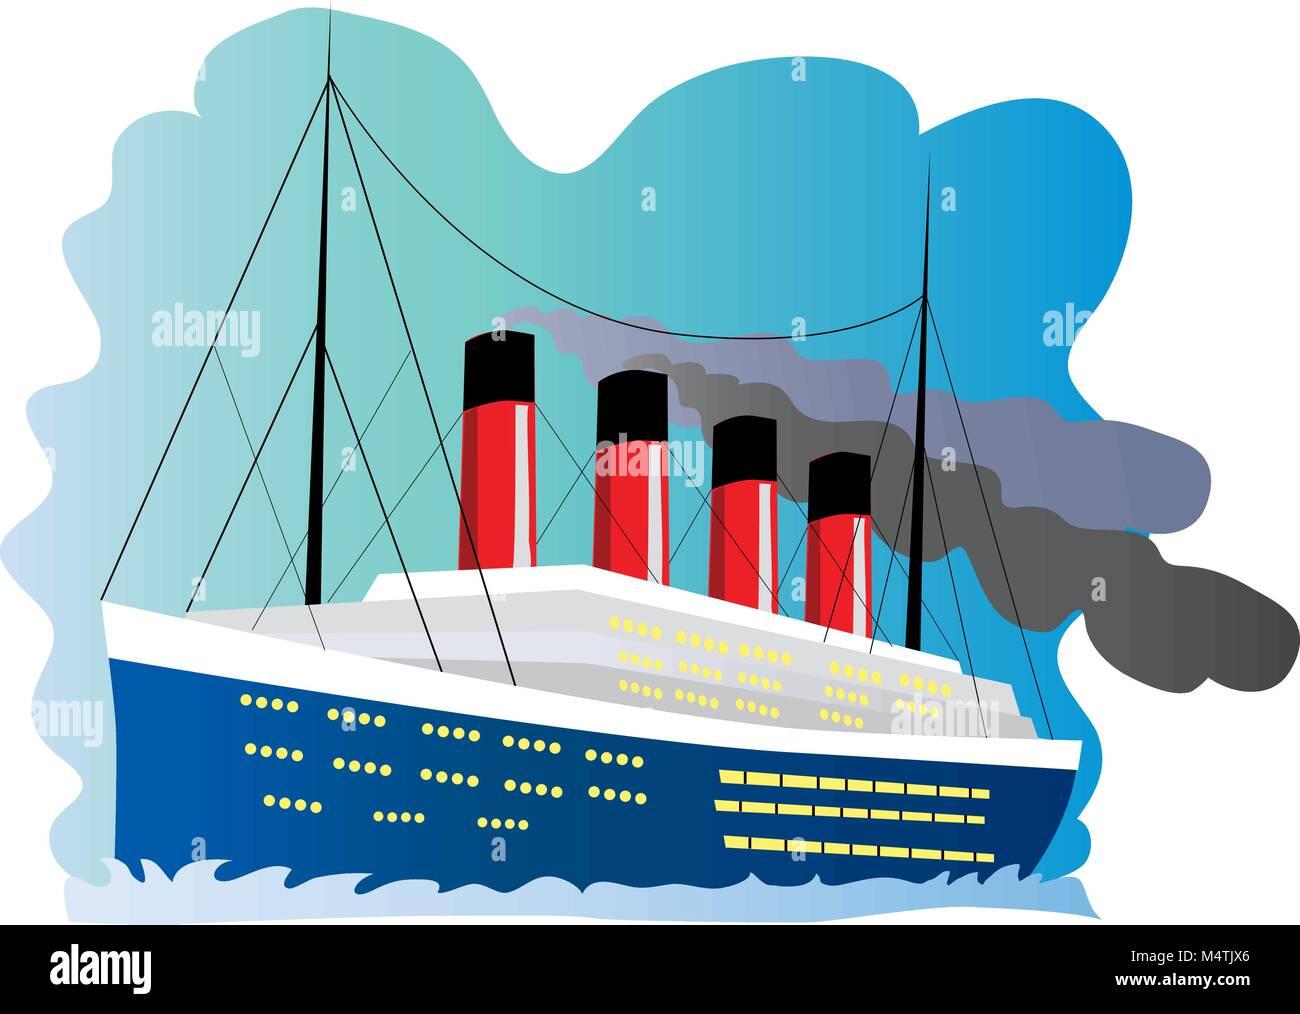 Una Caricatura Ilustración Del Barco Titanic Ilustración Del Vector